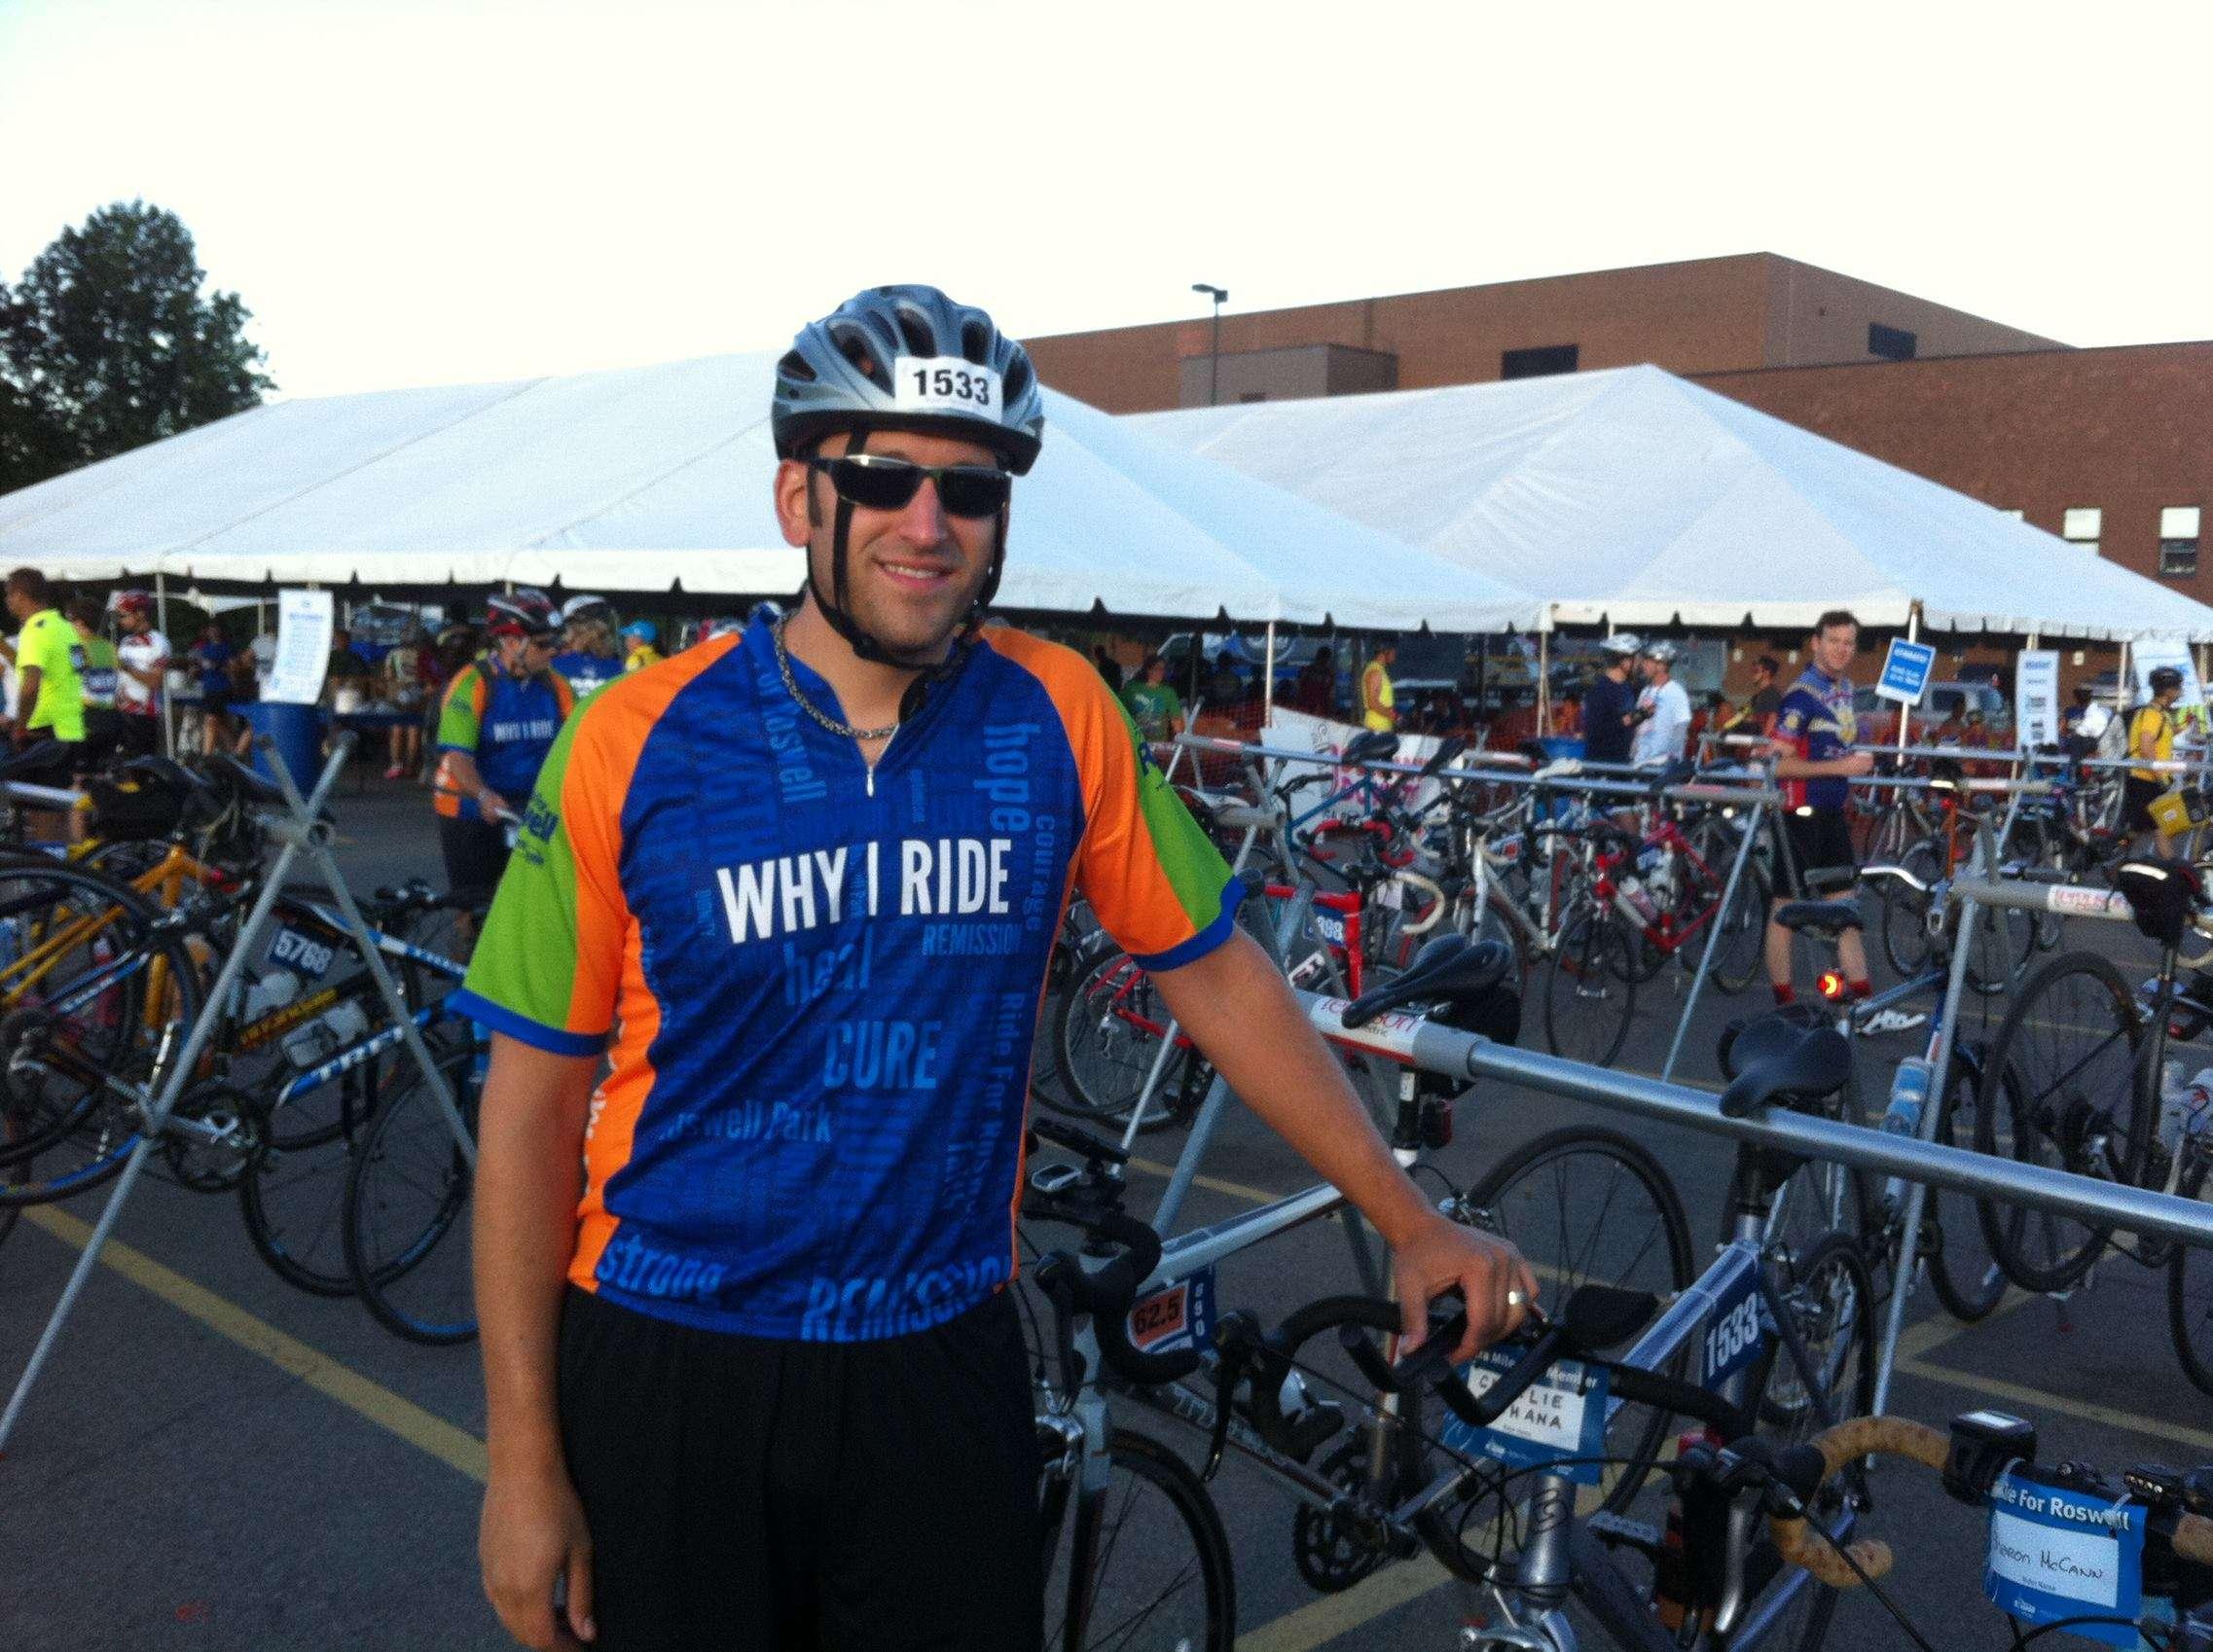 2012 - First Ride Pre Ride